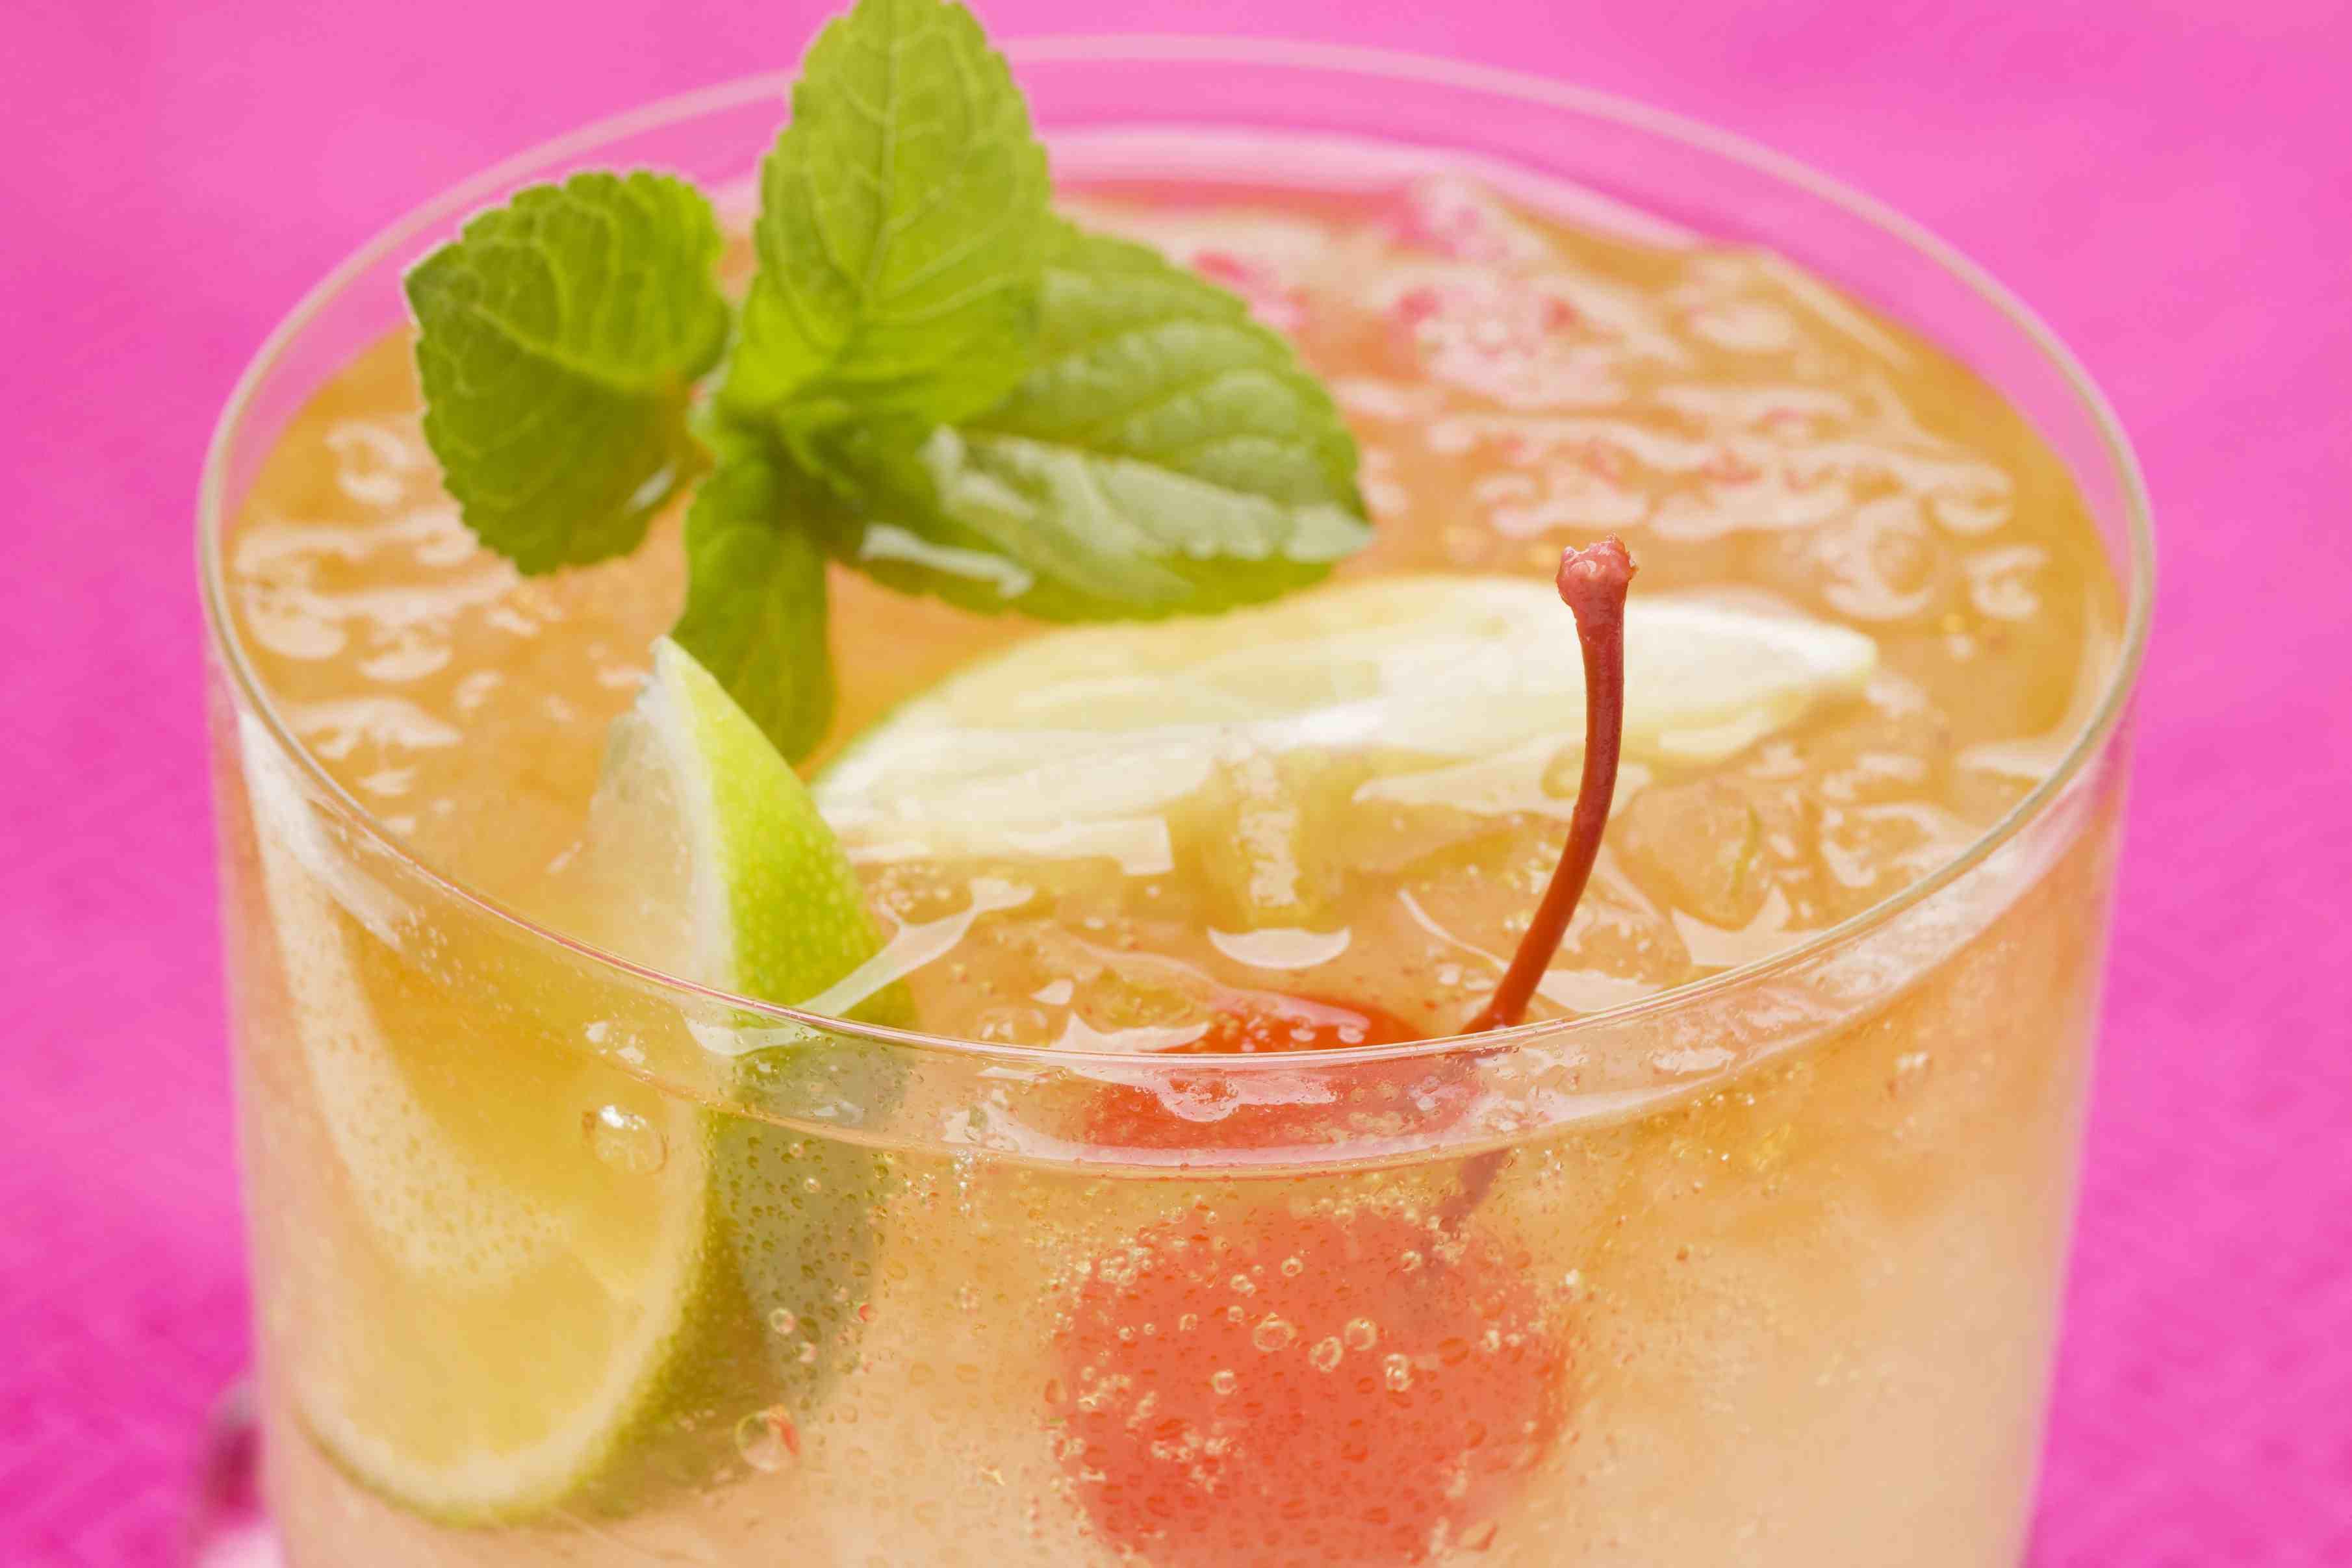 Apricot Sour Cocktail